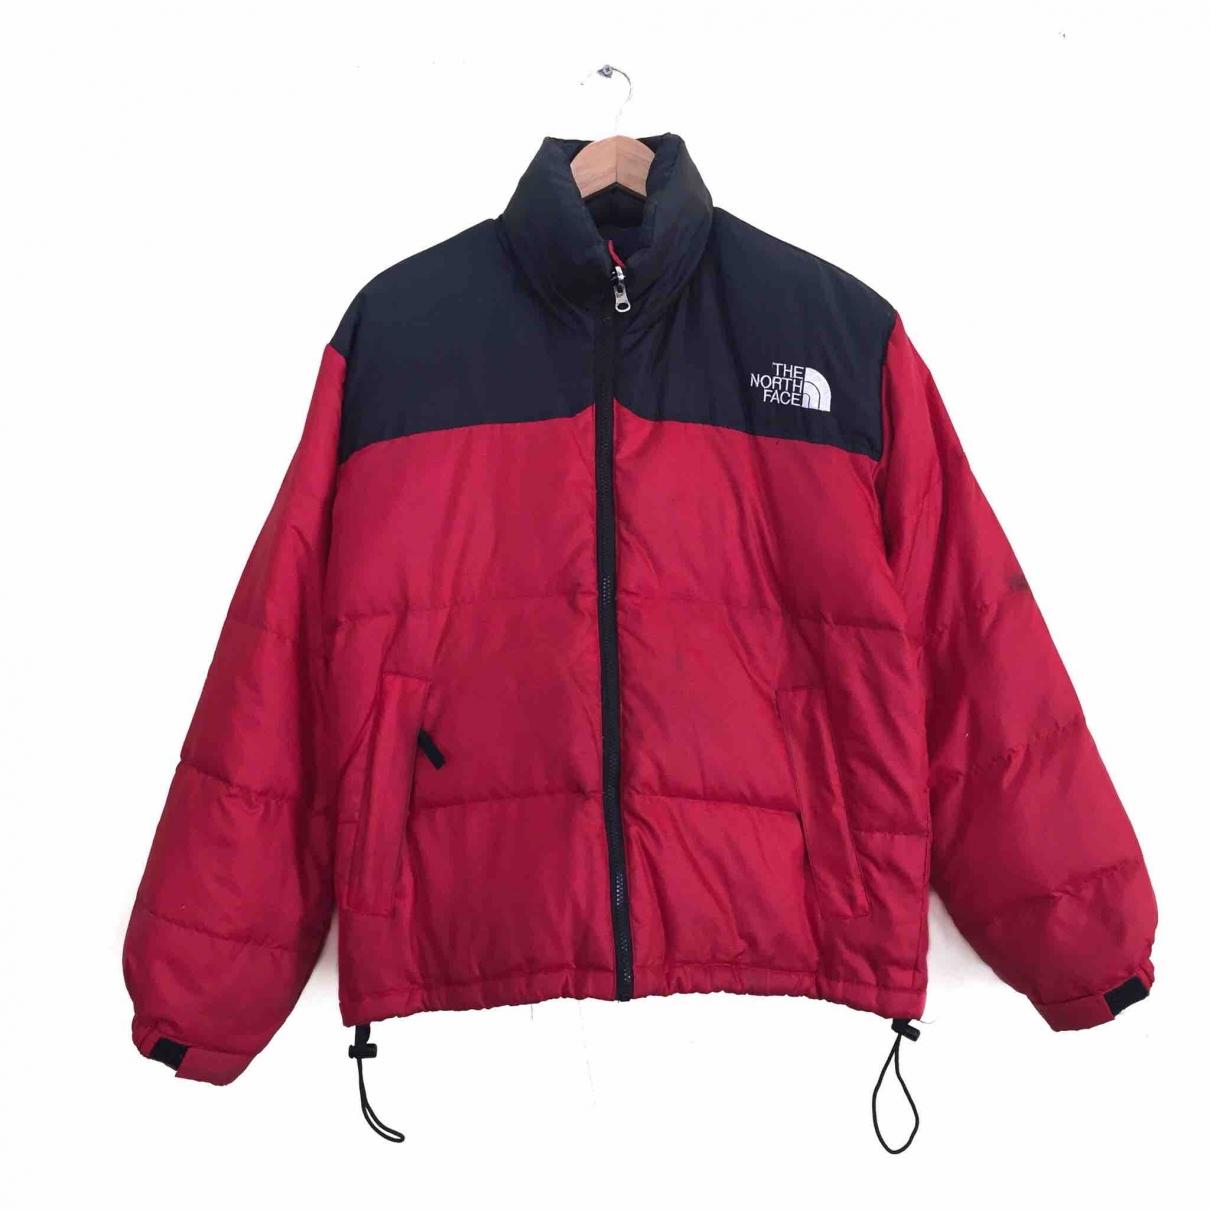 The North Face \N Black Sponge jacket  for Men L International